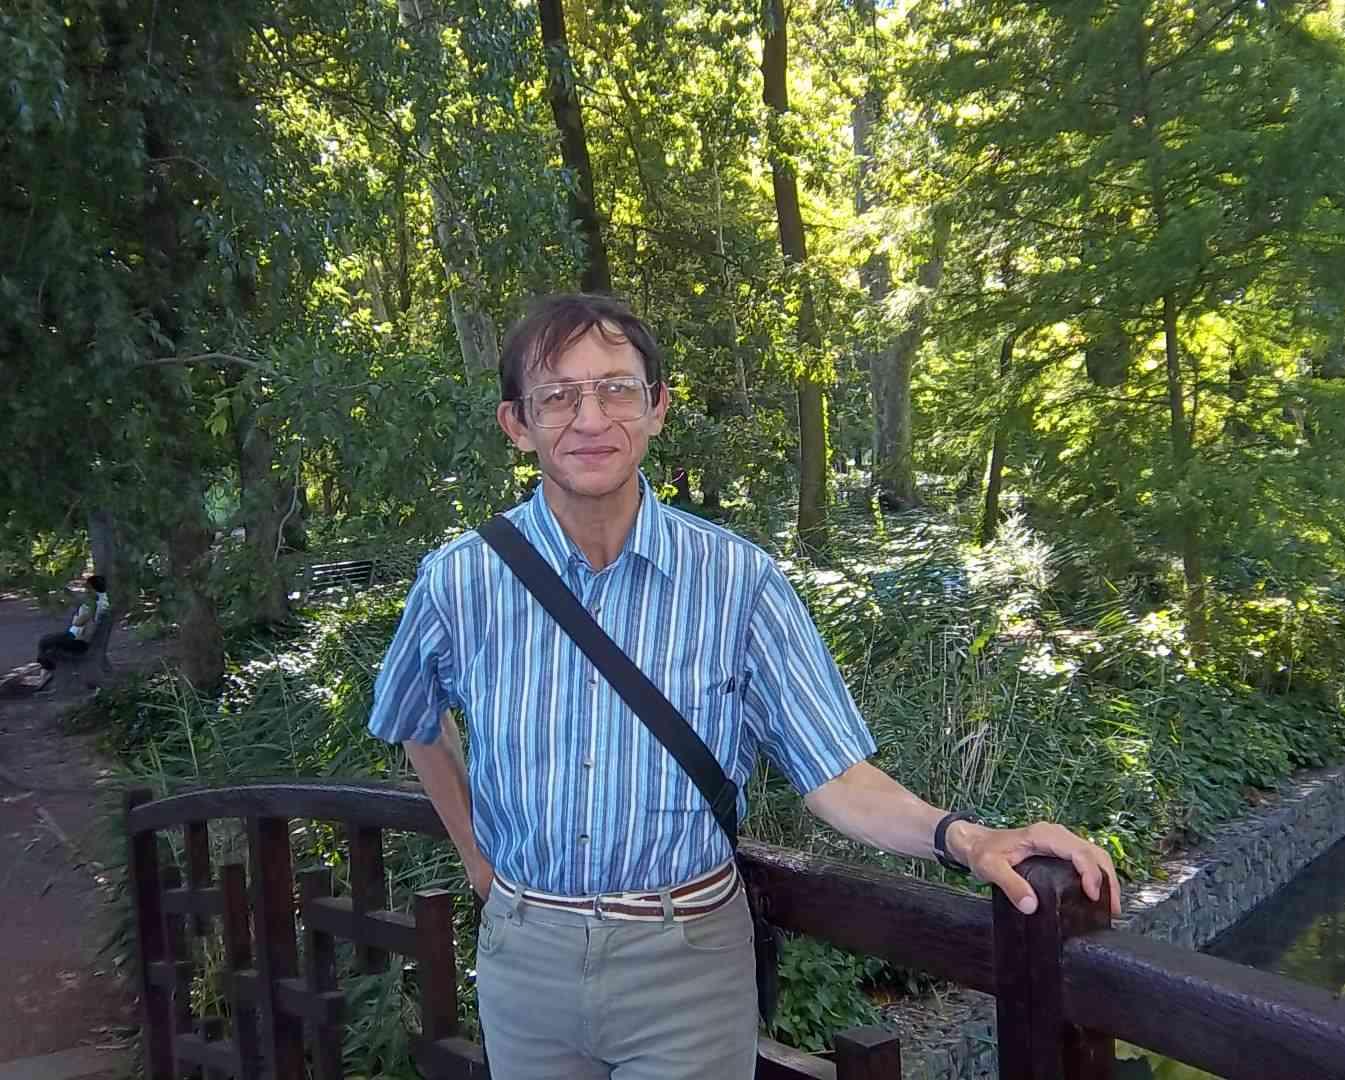 Patrick Huet sur un pont au Parc de la Tête d'or